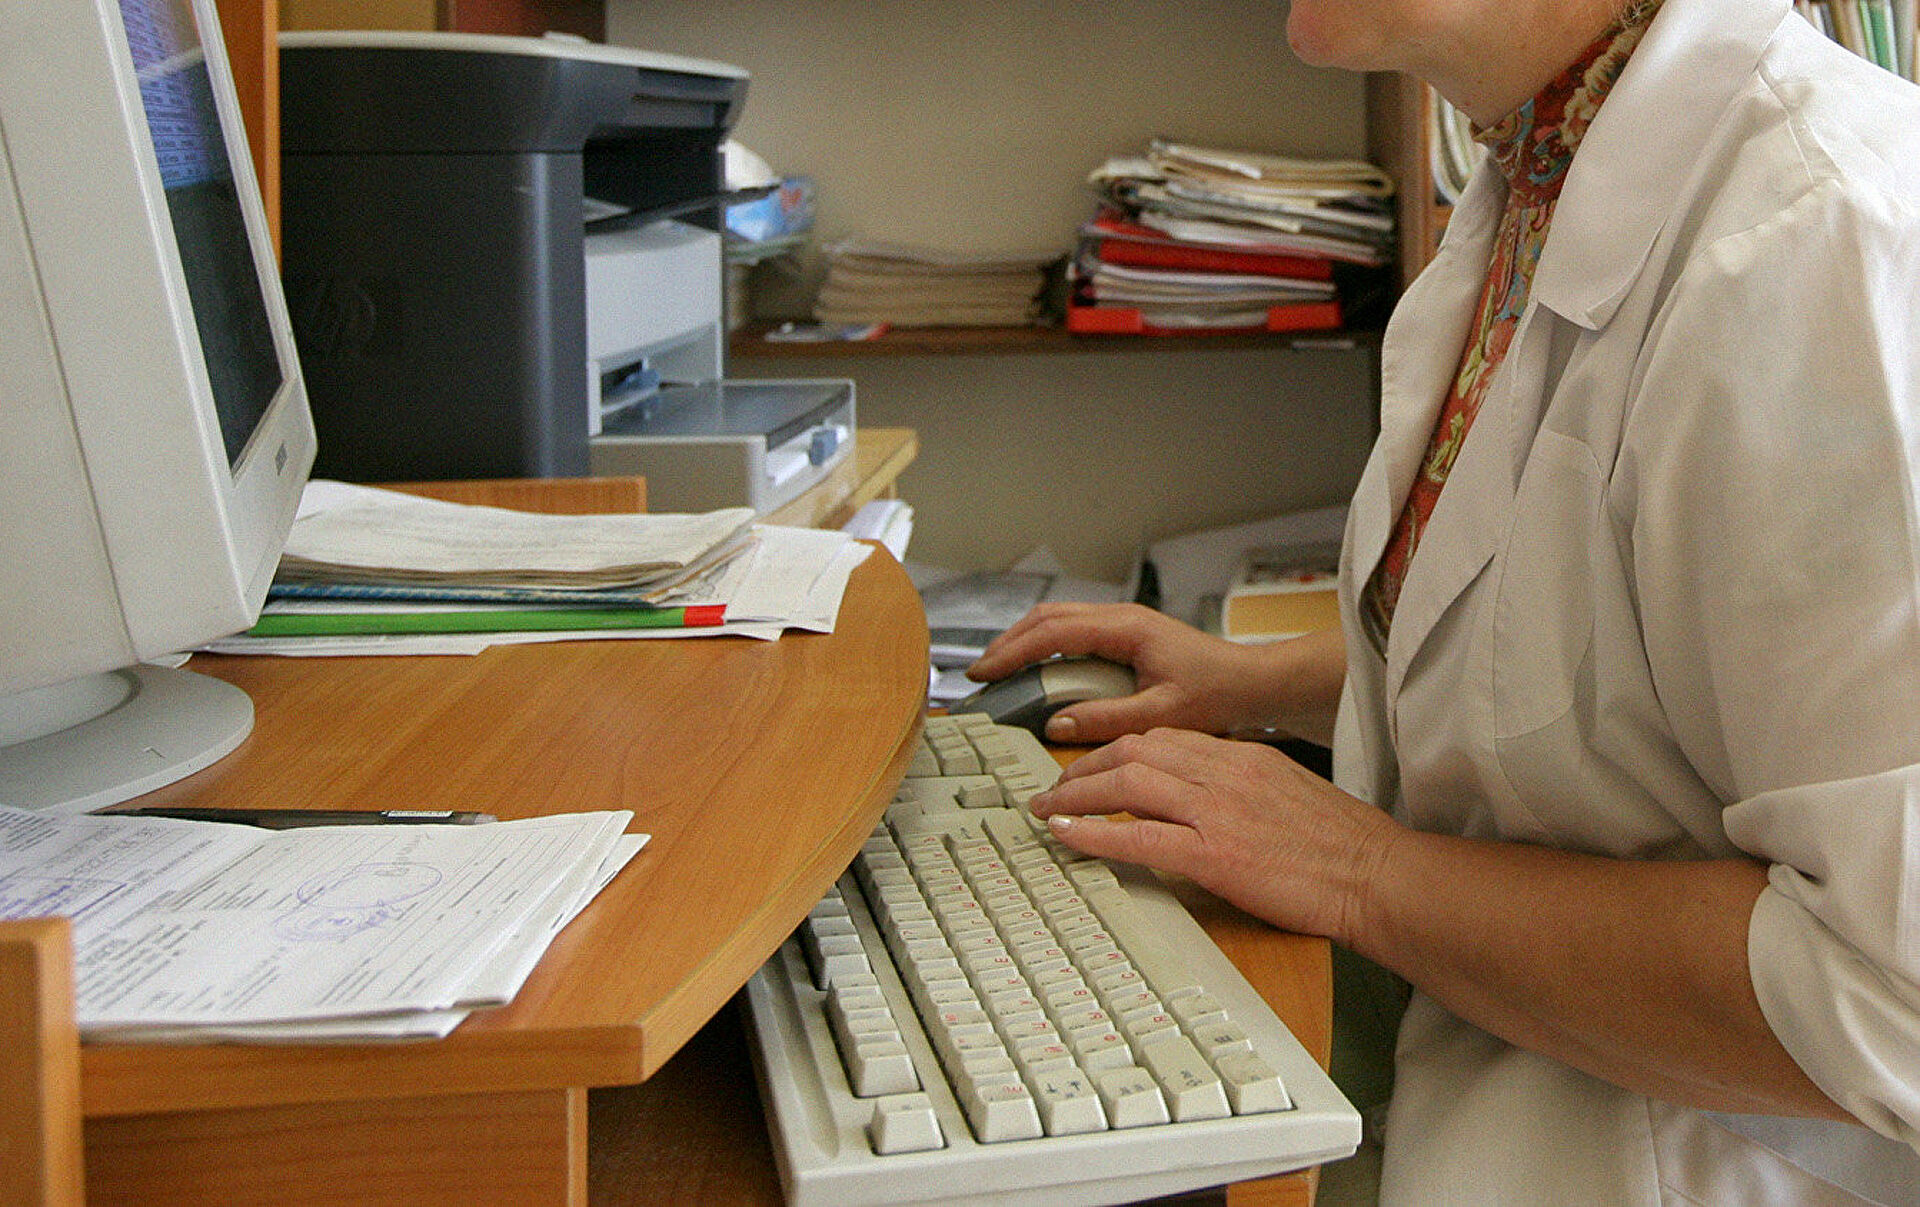 Во многих клиниках используют морально устаревшие компьютеры – мажилисмен